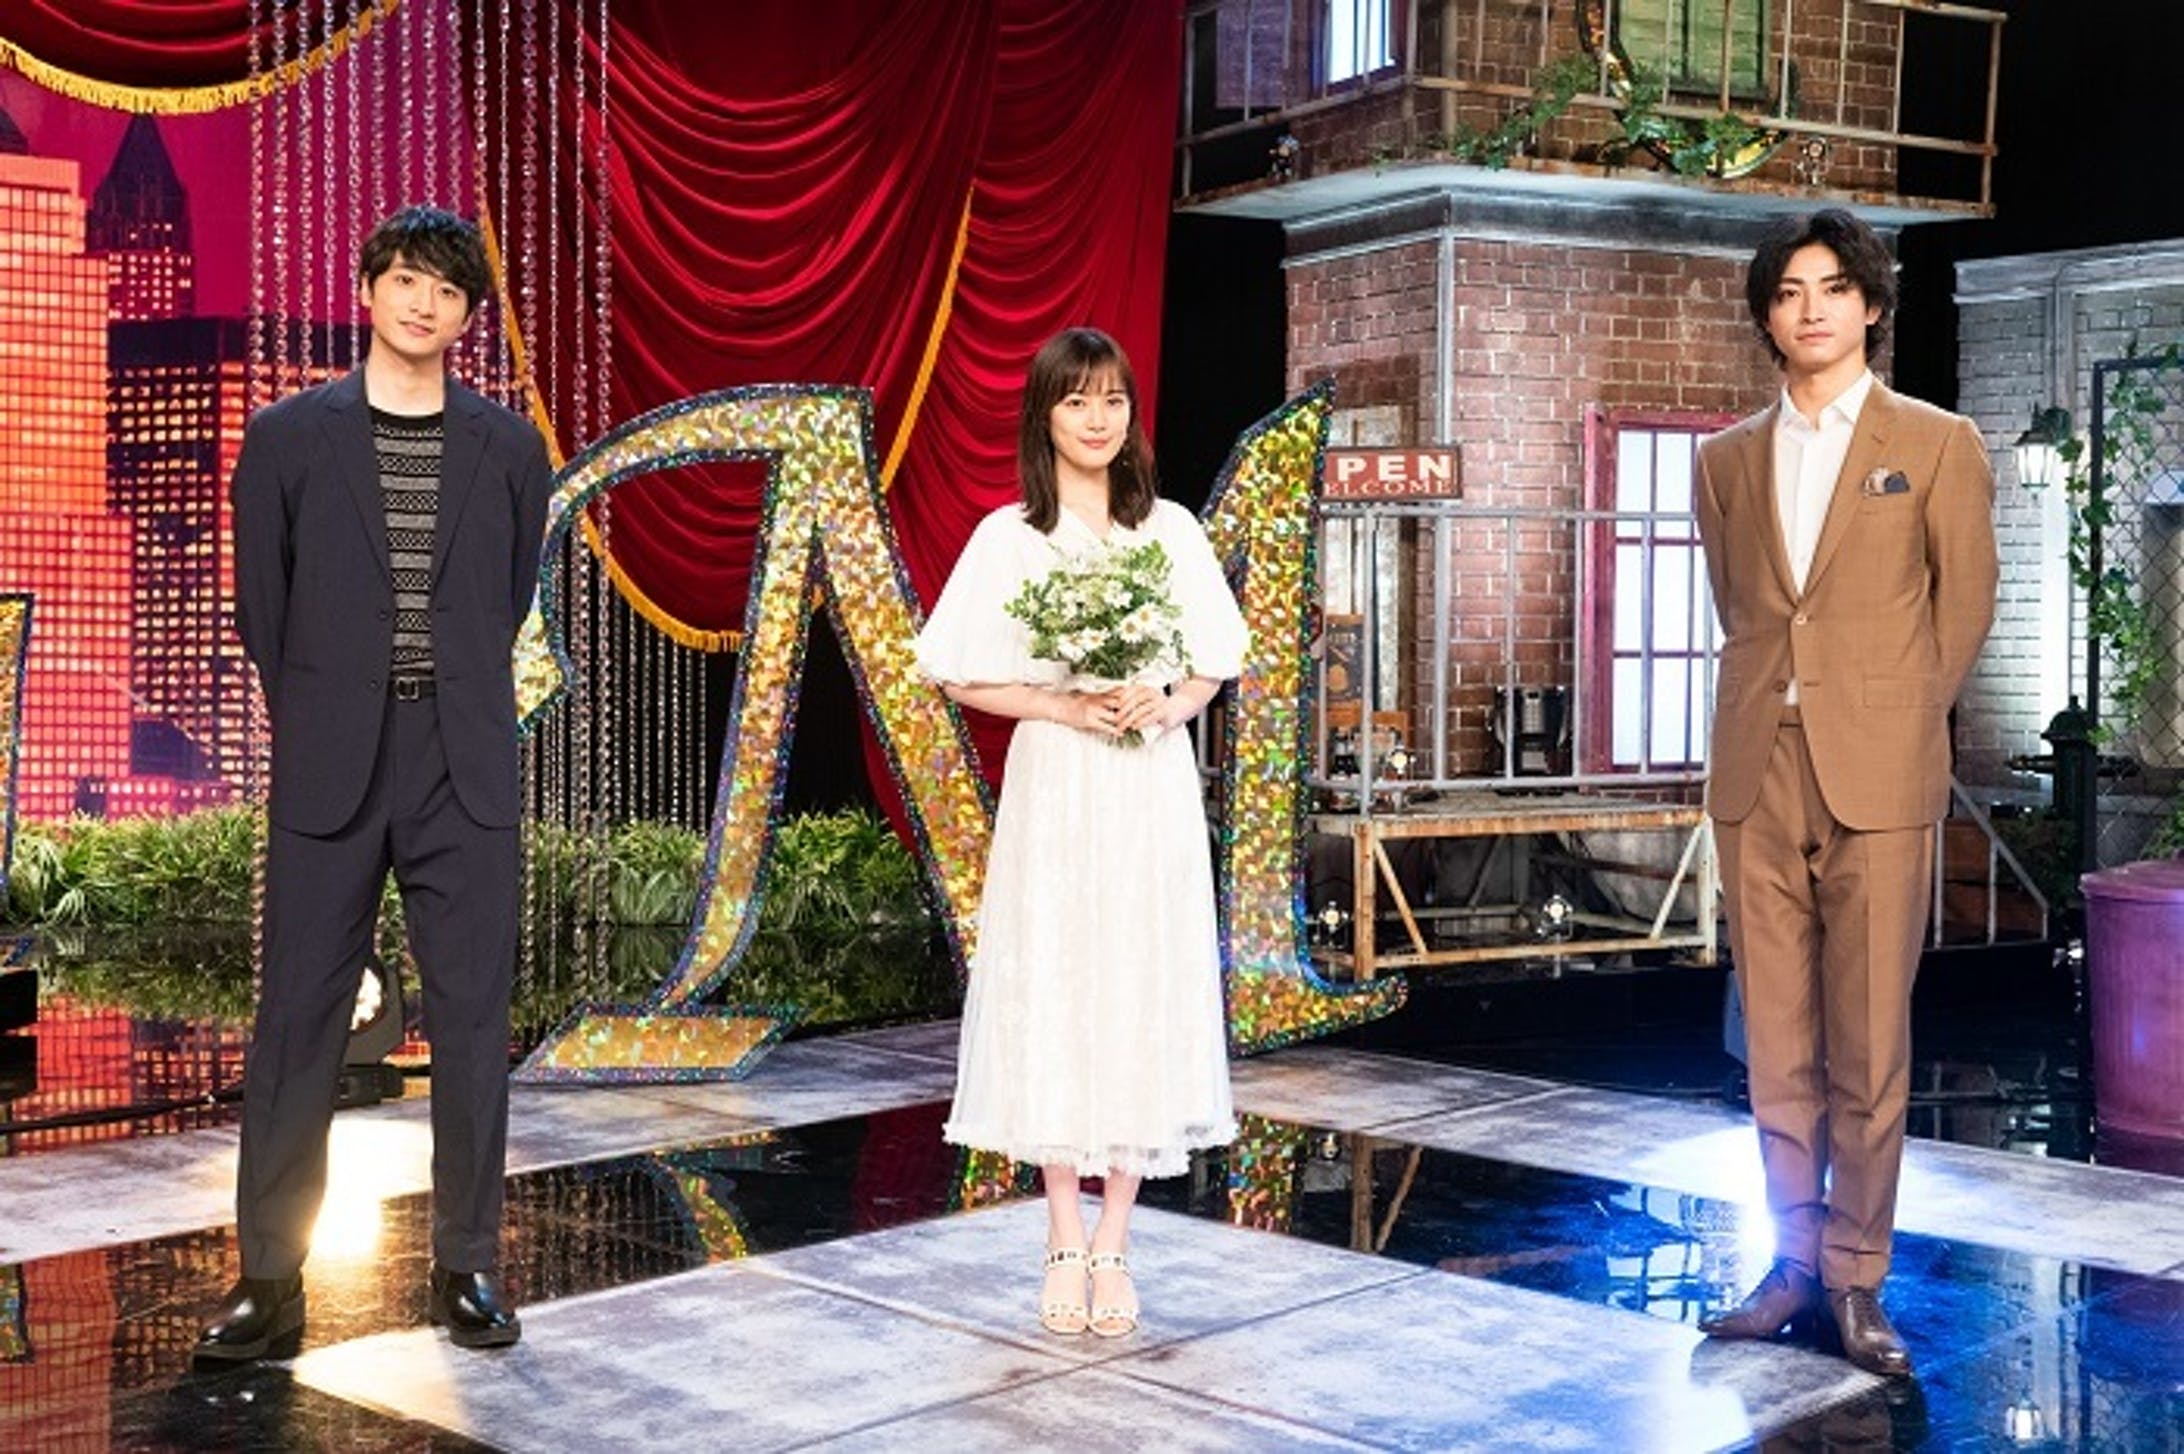 ステージング WOWOW僕らのミュージカル・ソング 2020 第二夜 ミュージカル『四月は君の嘘』-1